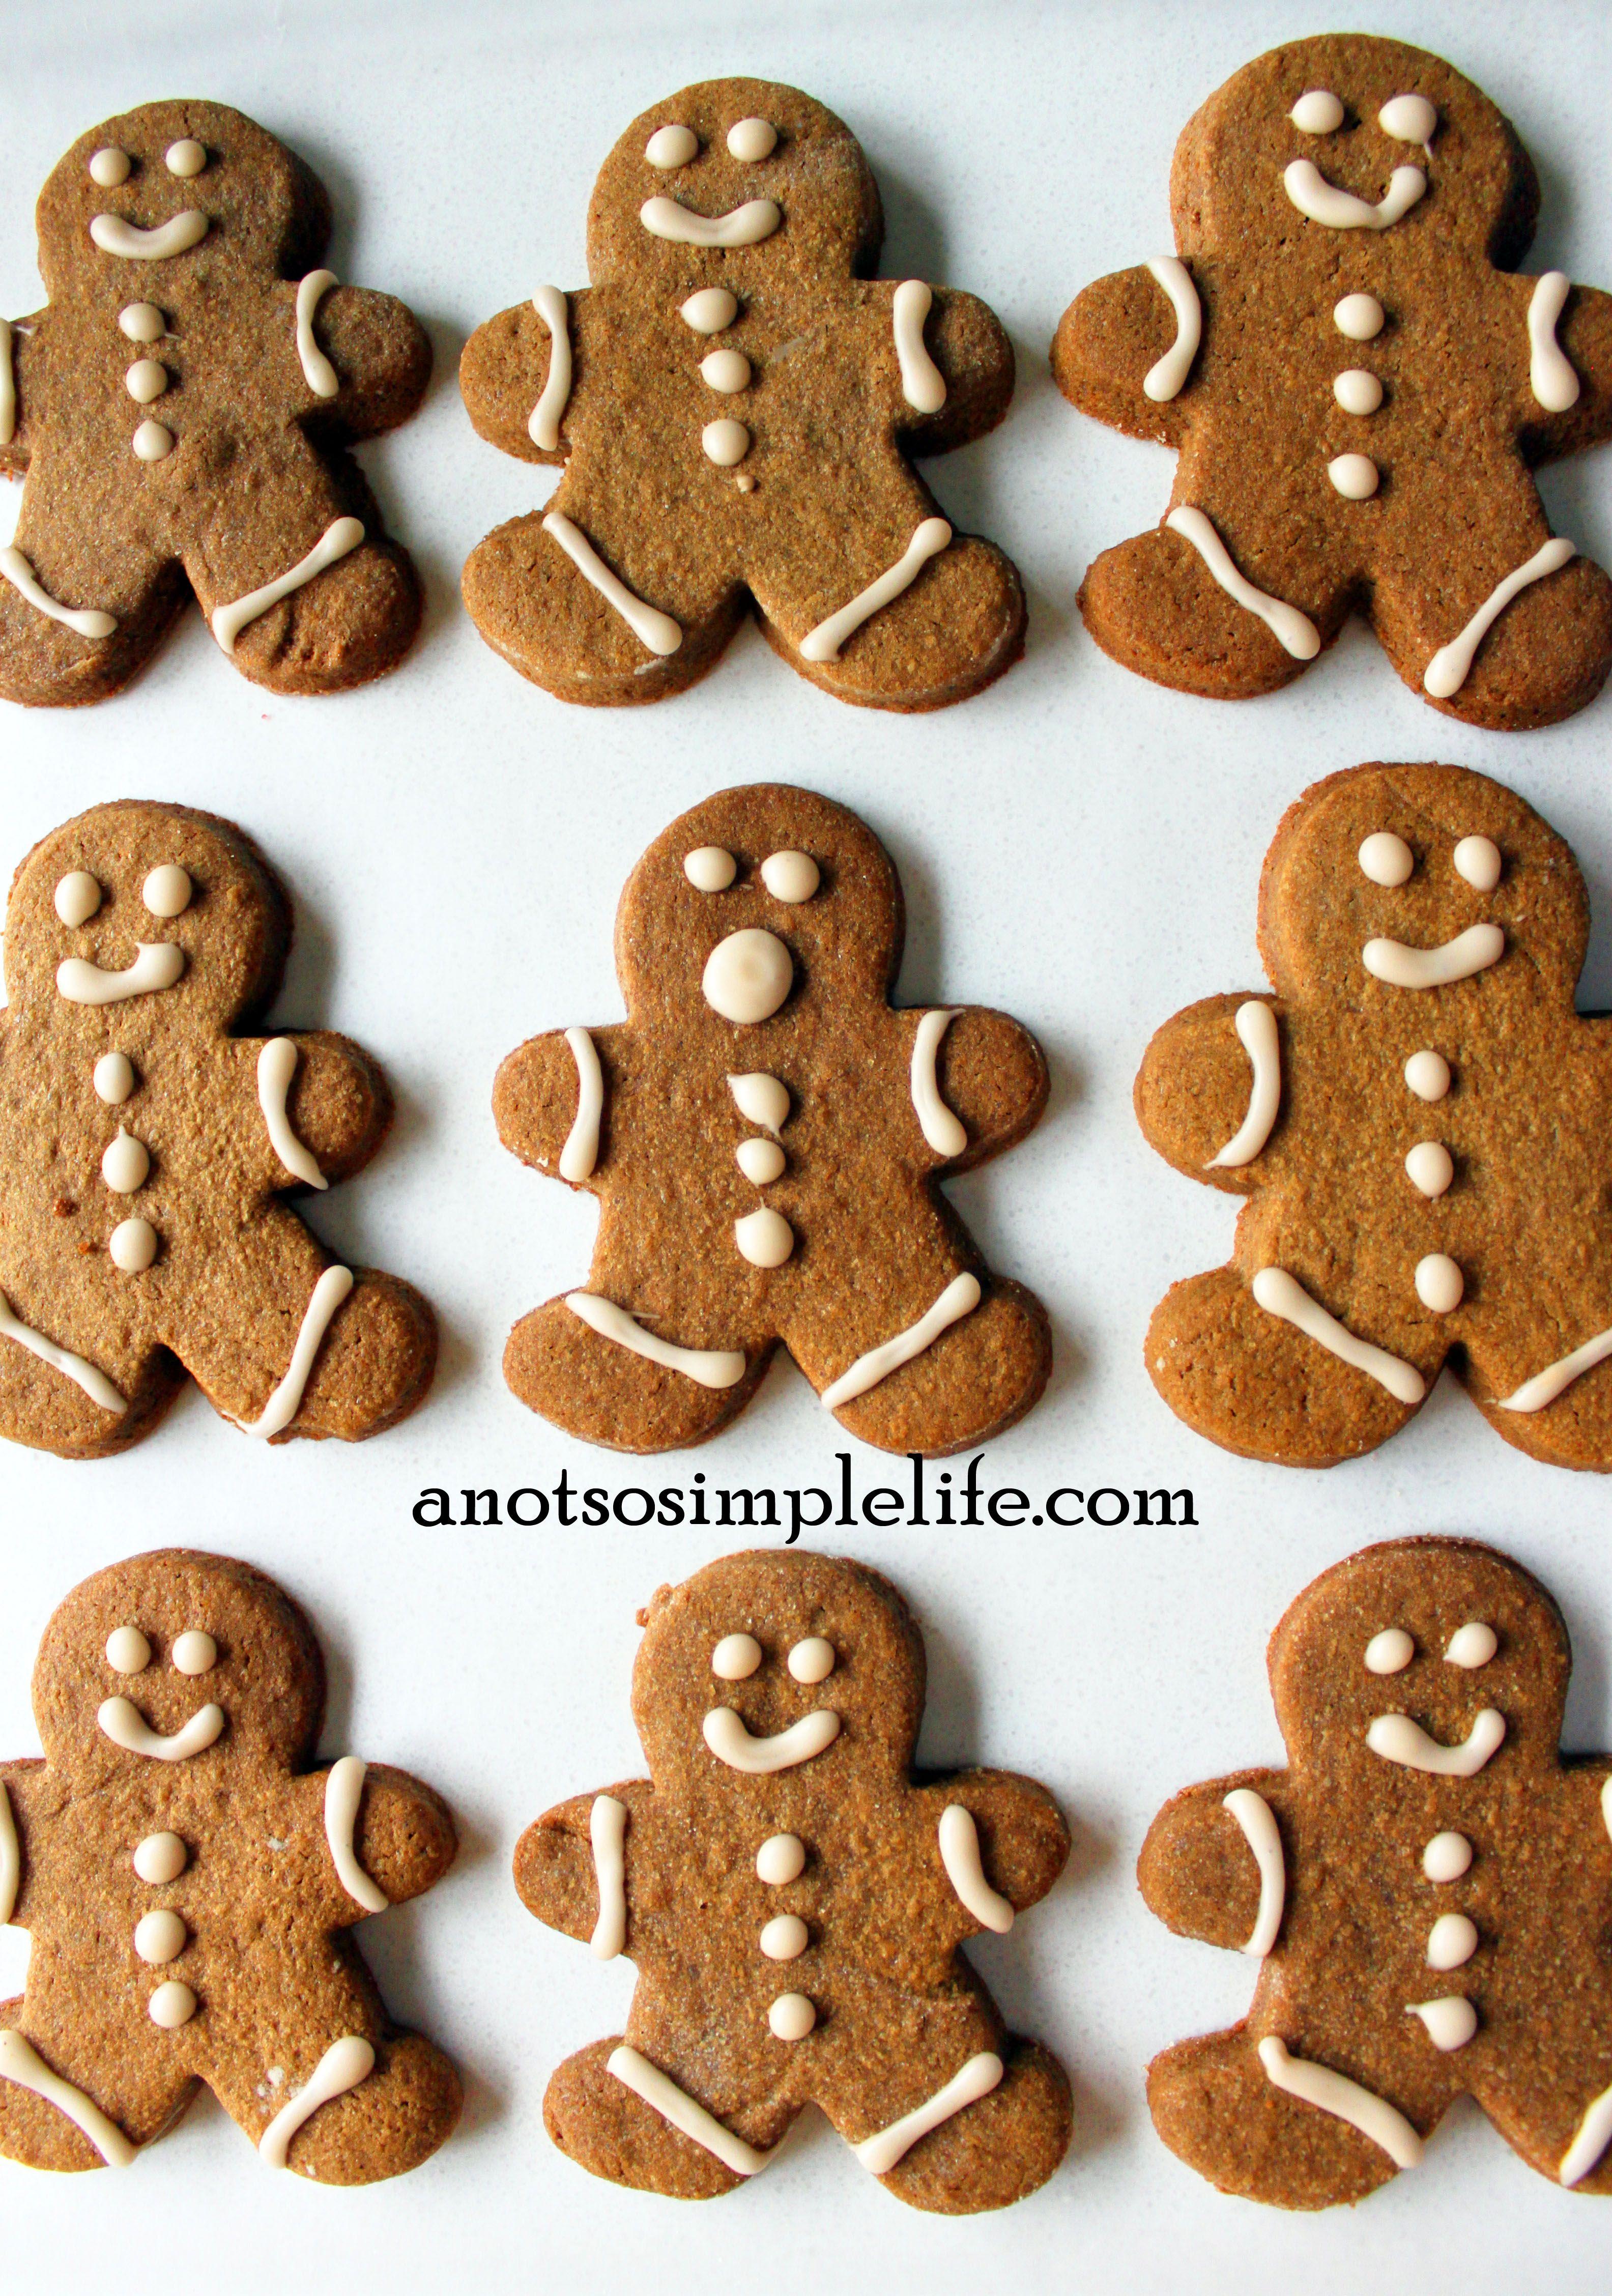 Allergen Free Gingerbread Men Gluten Free Dairy Free Soy Free